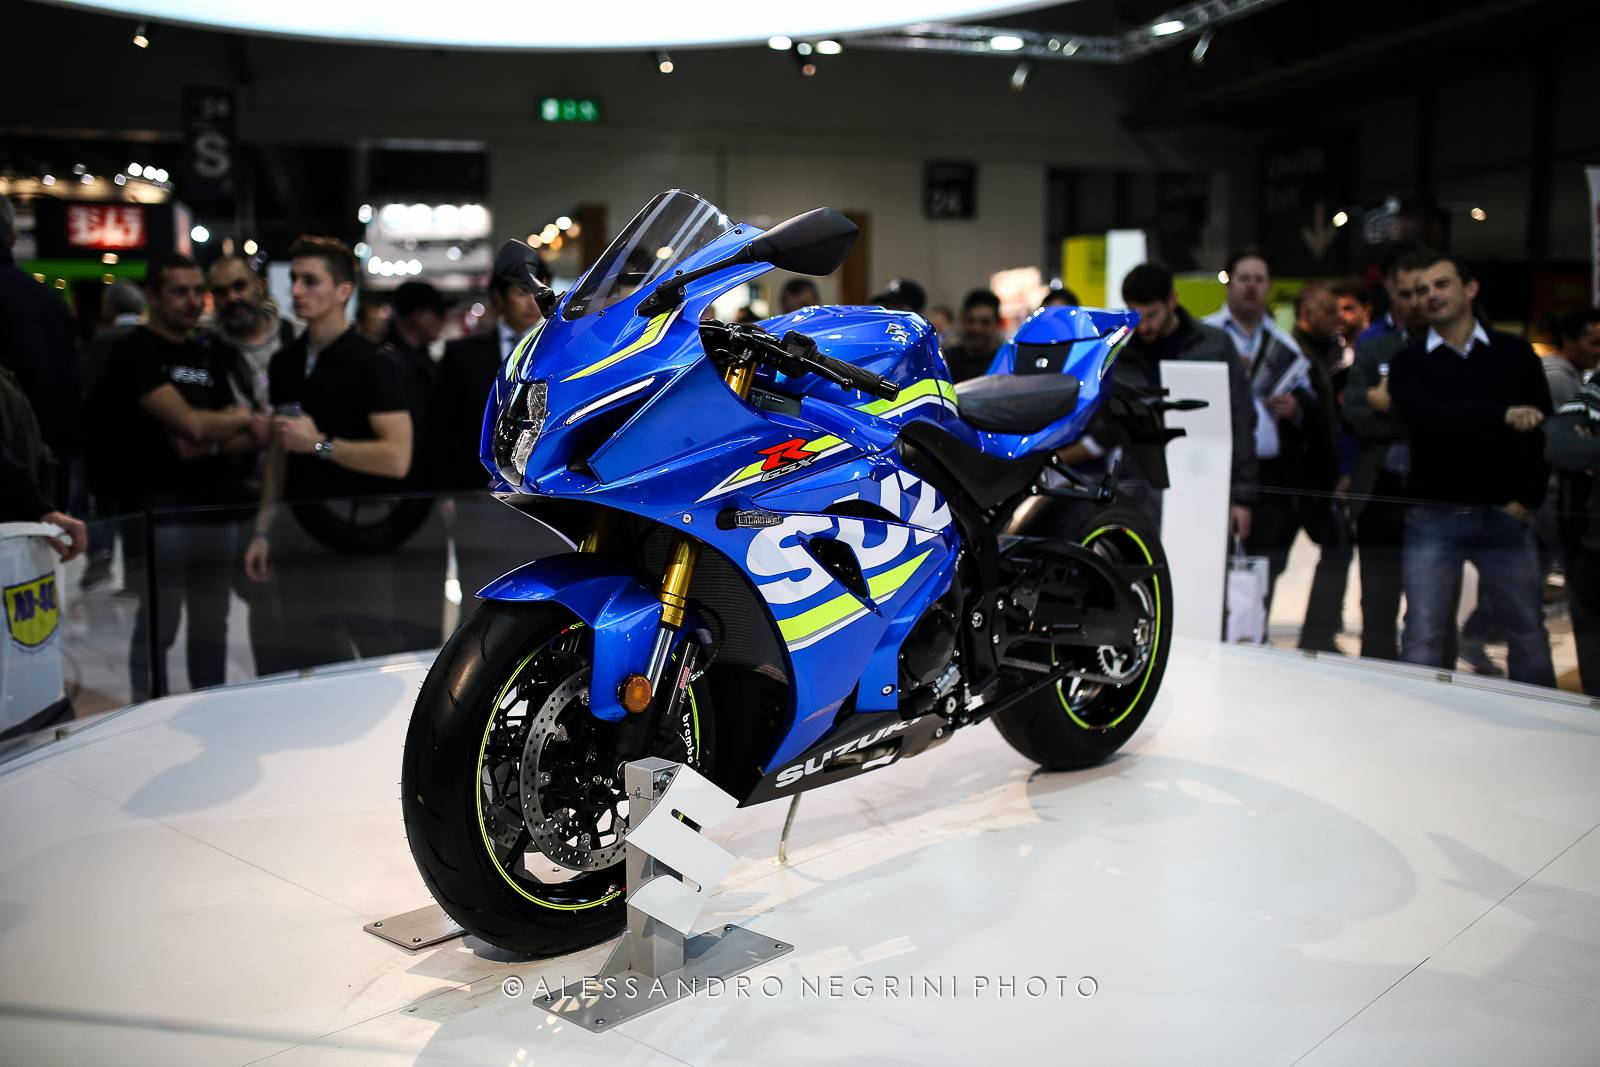 2015 Suzuki GSXR 1000